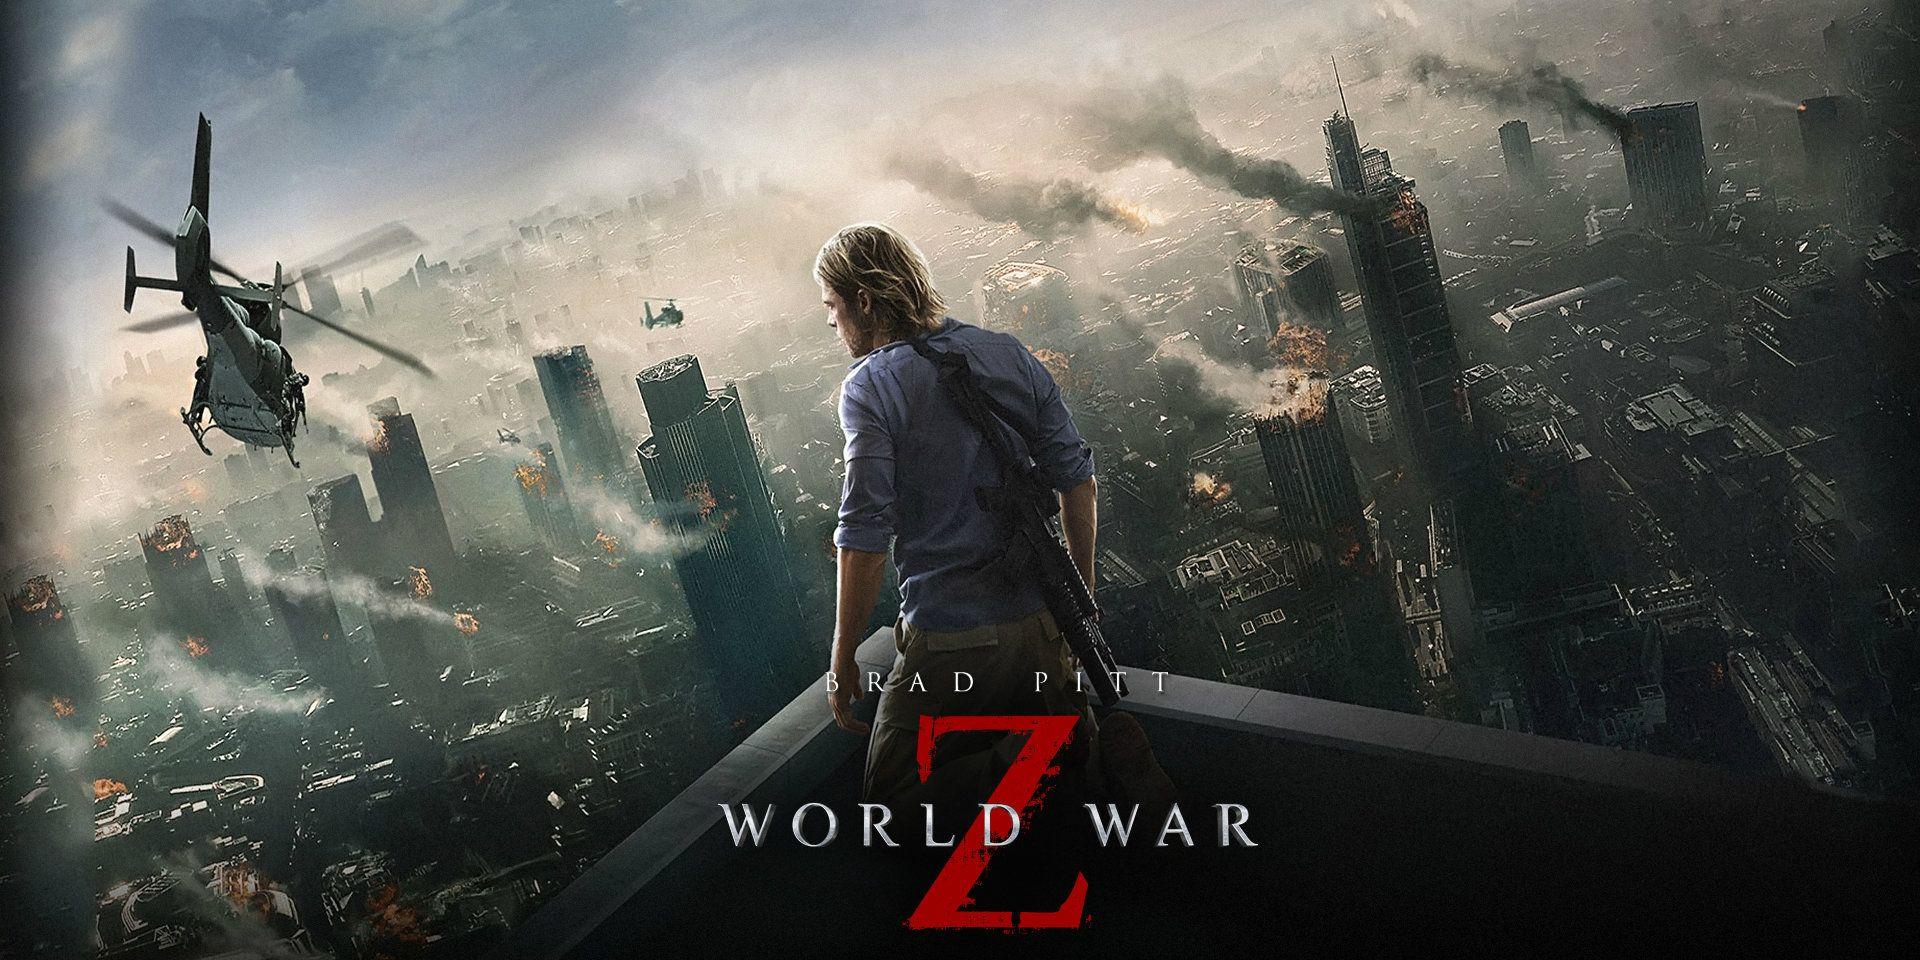 David Fincher Offers World War Z 2 Update | Screen Rant